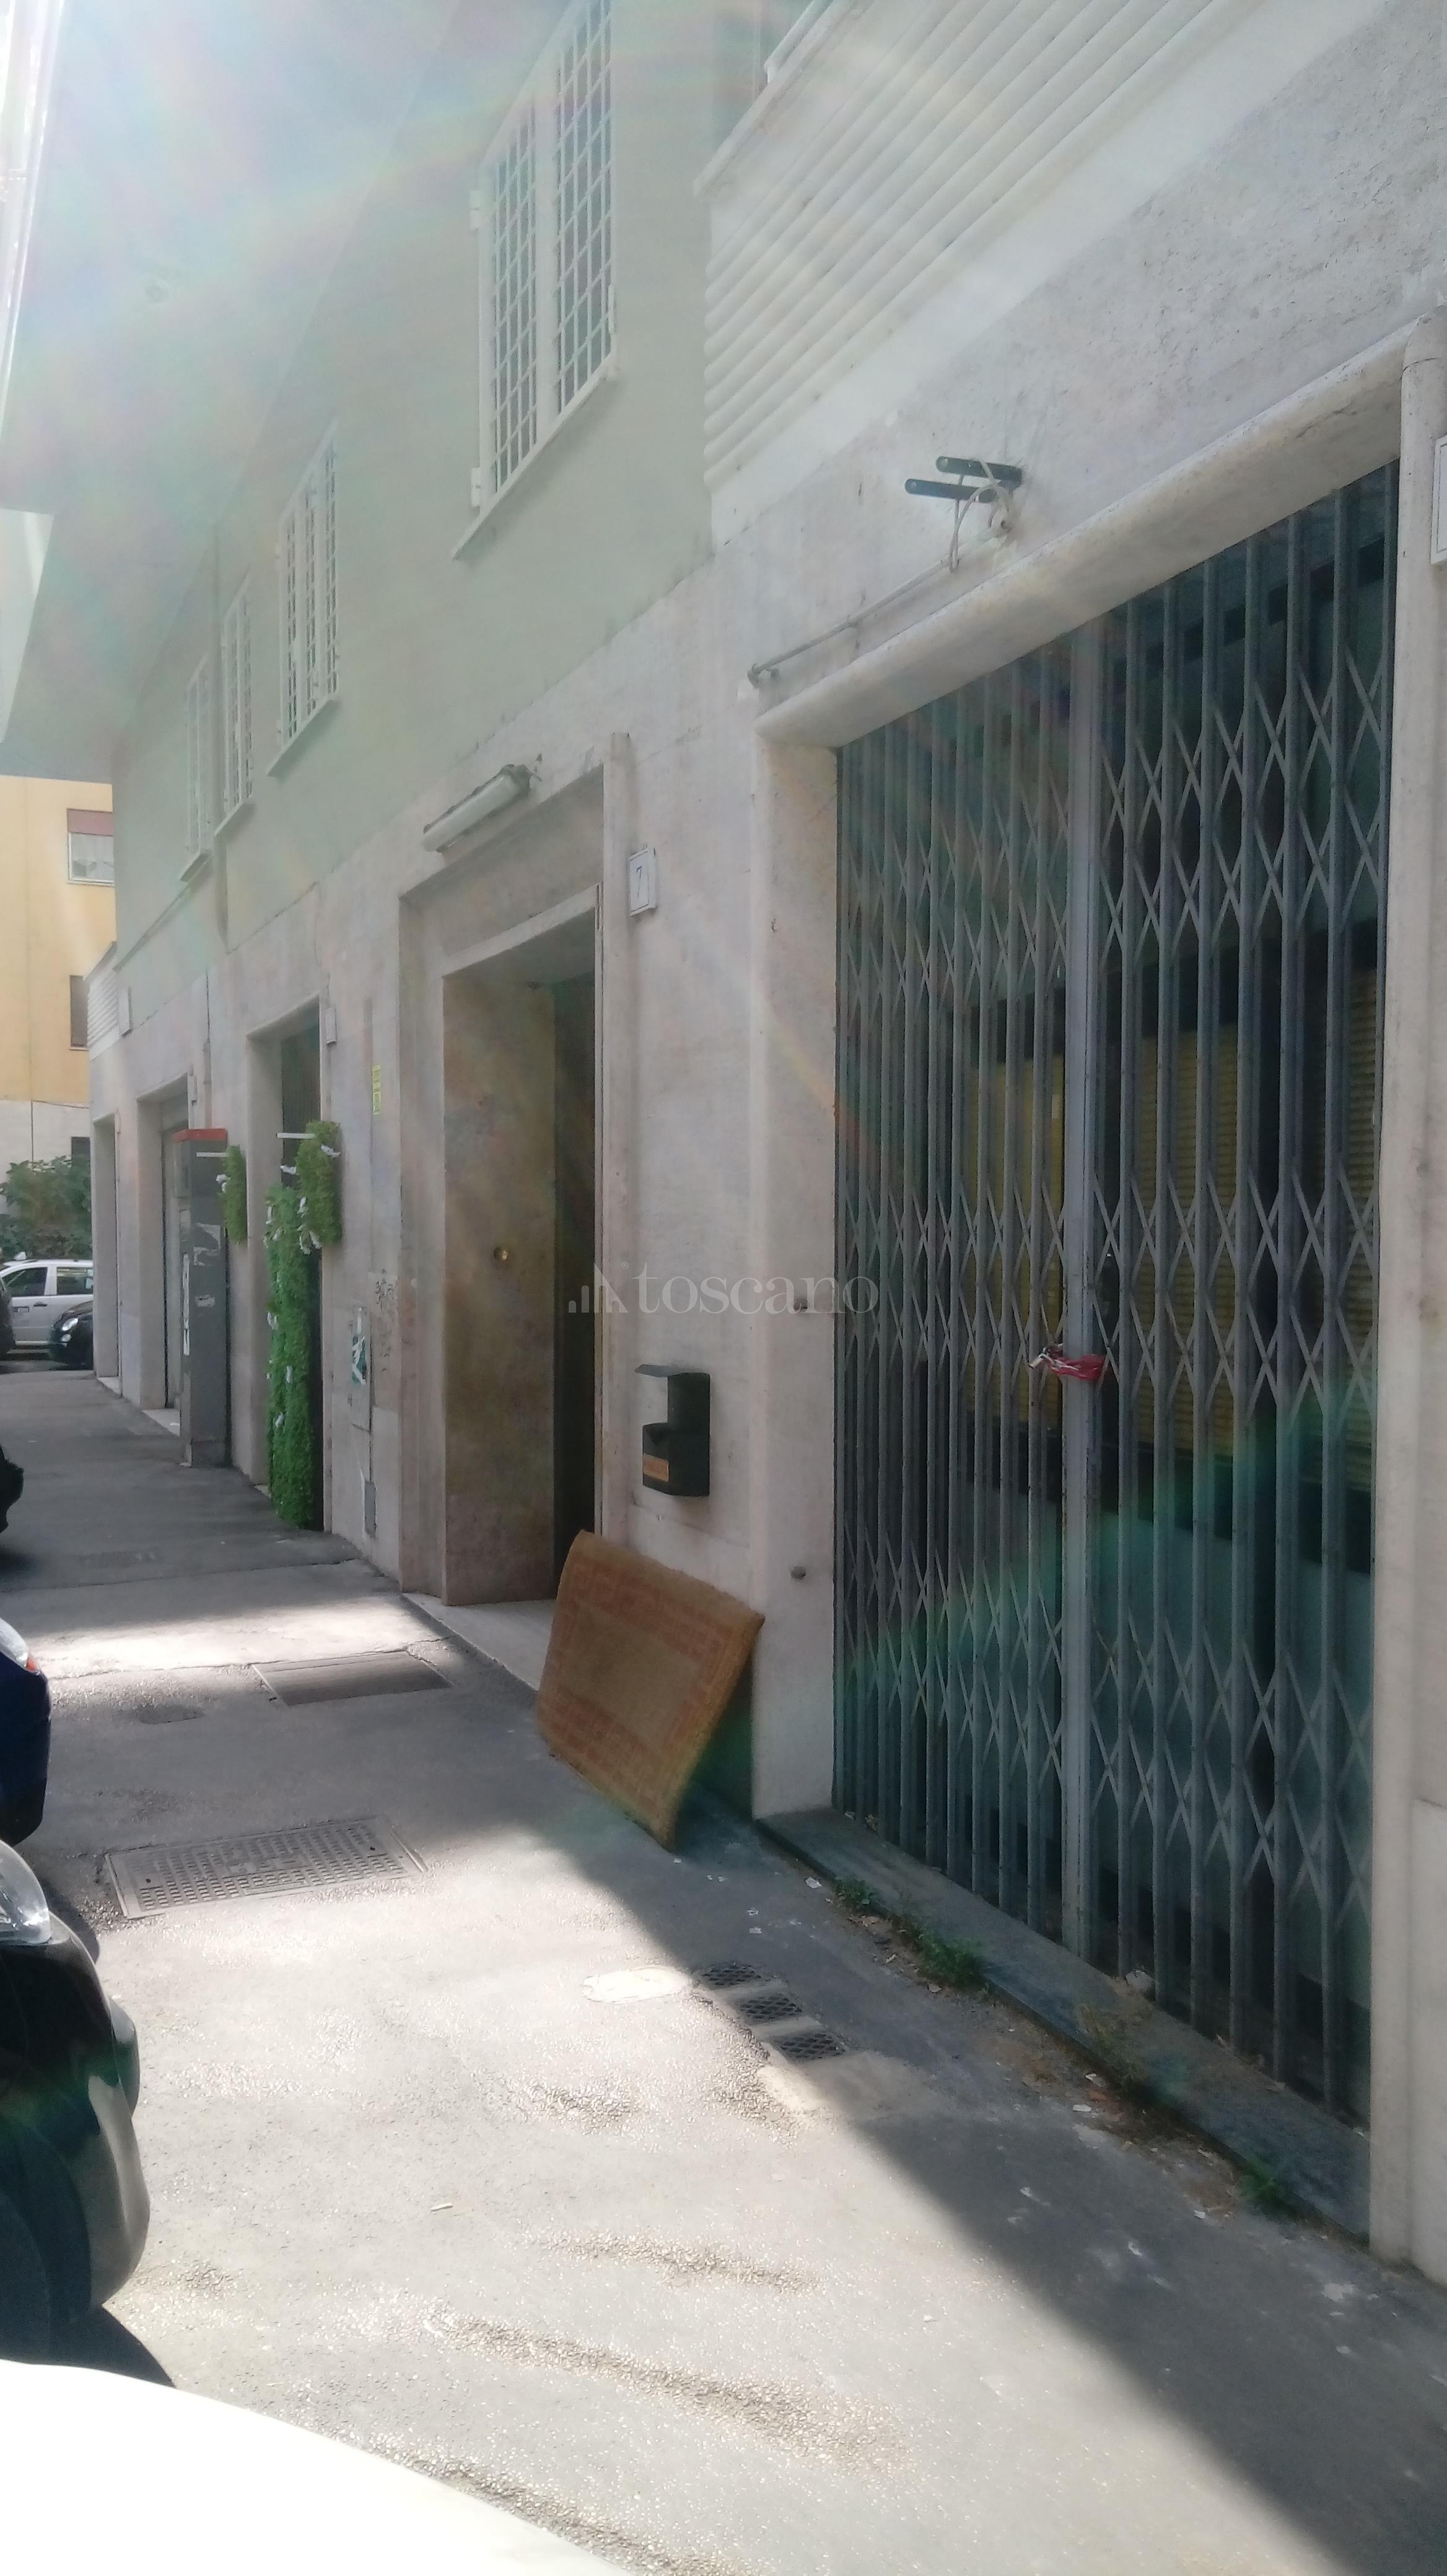 Rustico/Casale/Masseria in vendita a Roma in Via Valle Corteno